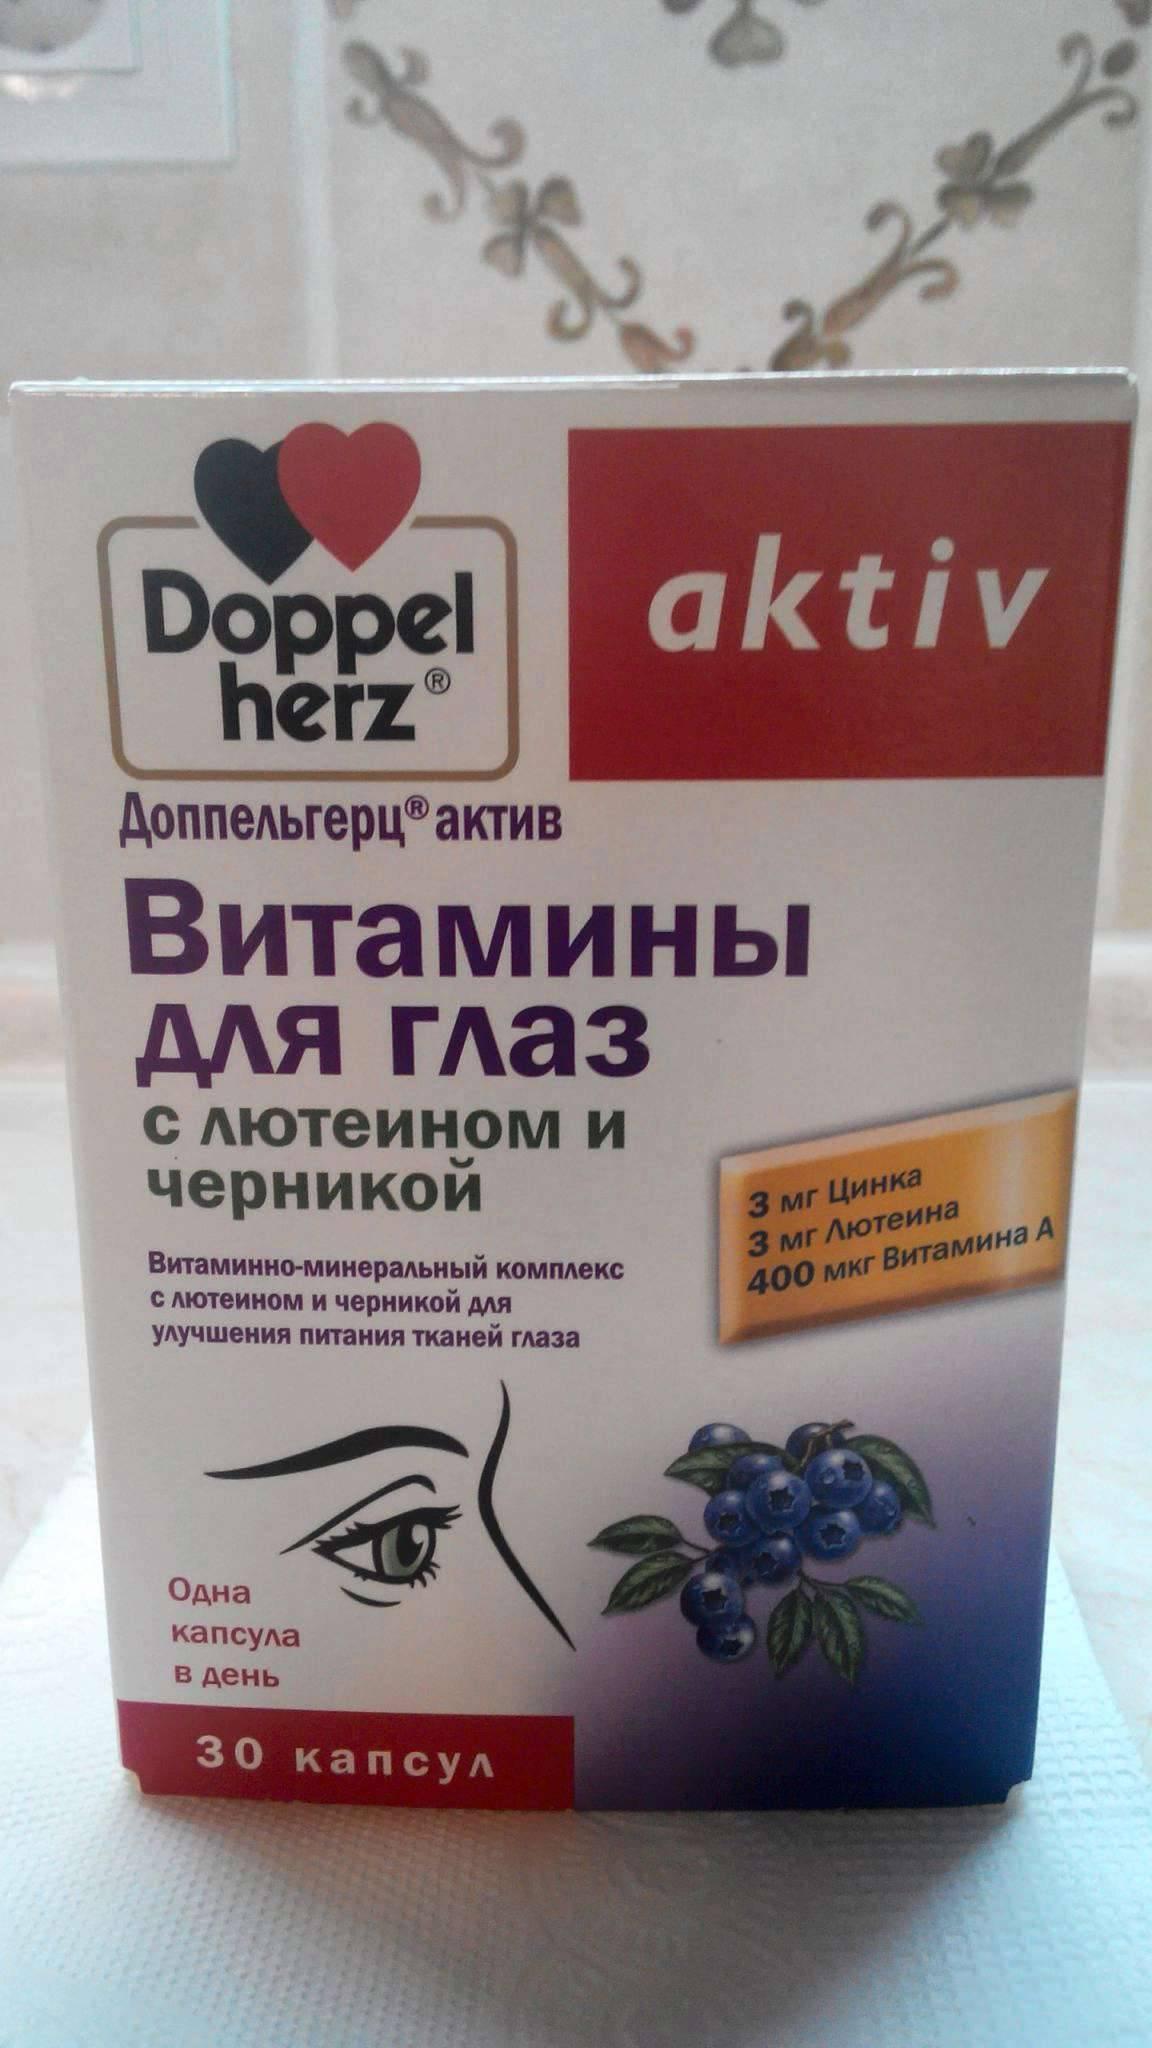 Доппельгерц витамины для глаз - инструкция, цена, отзывы